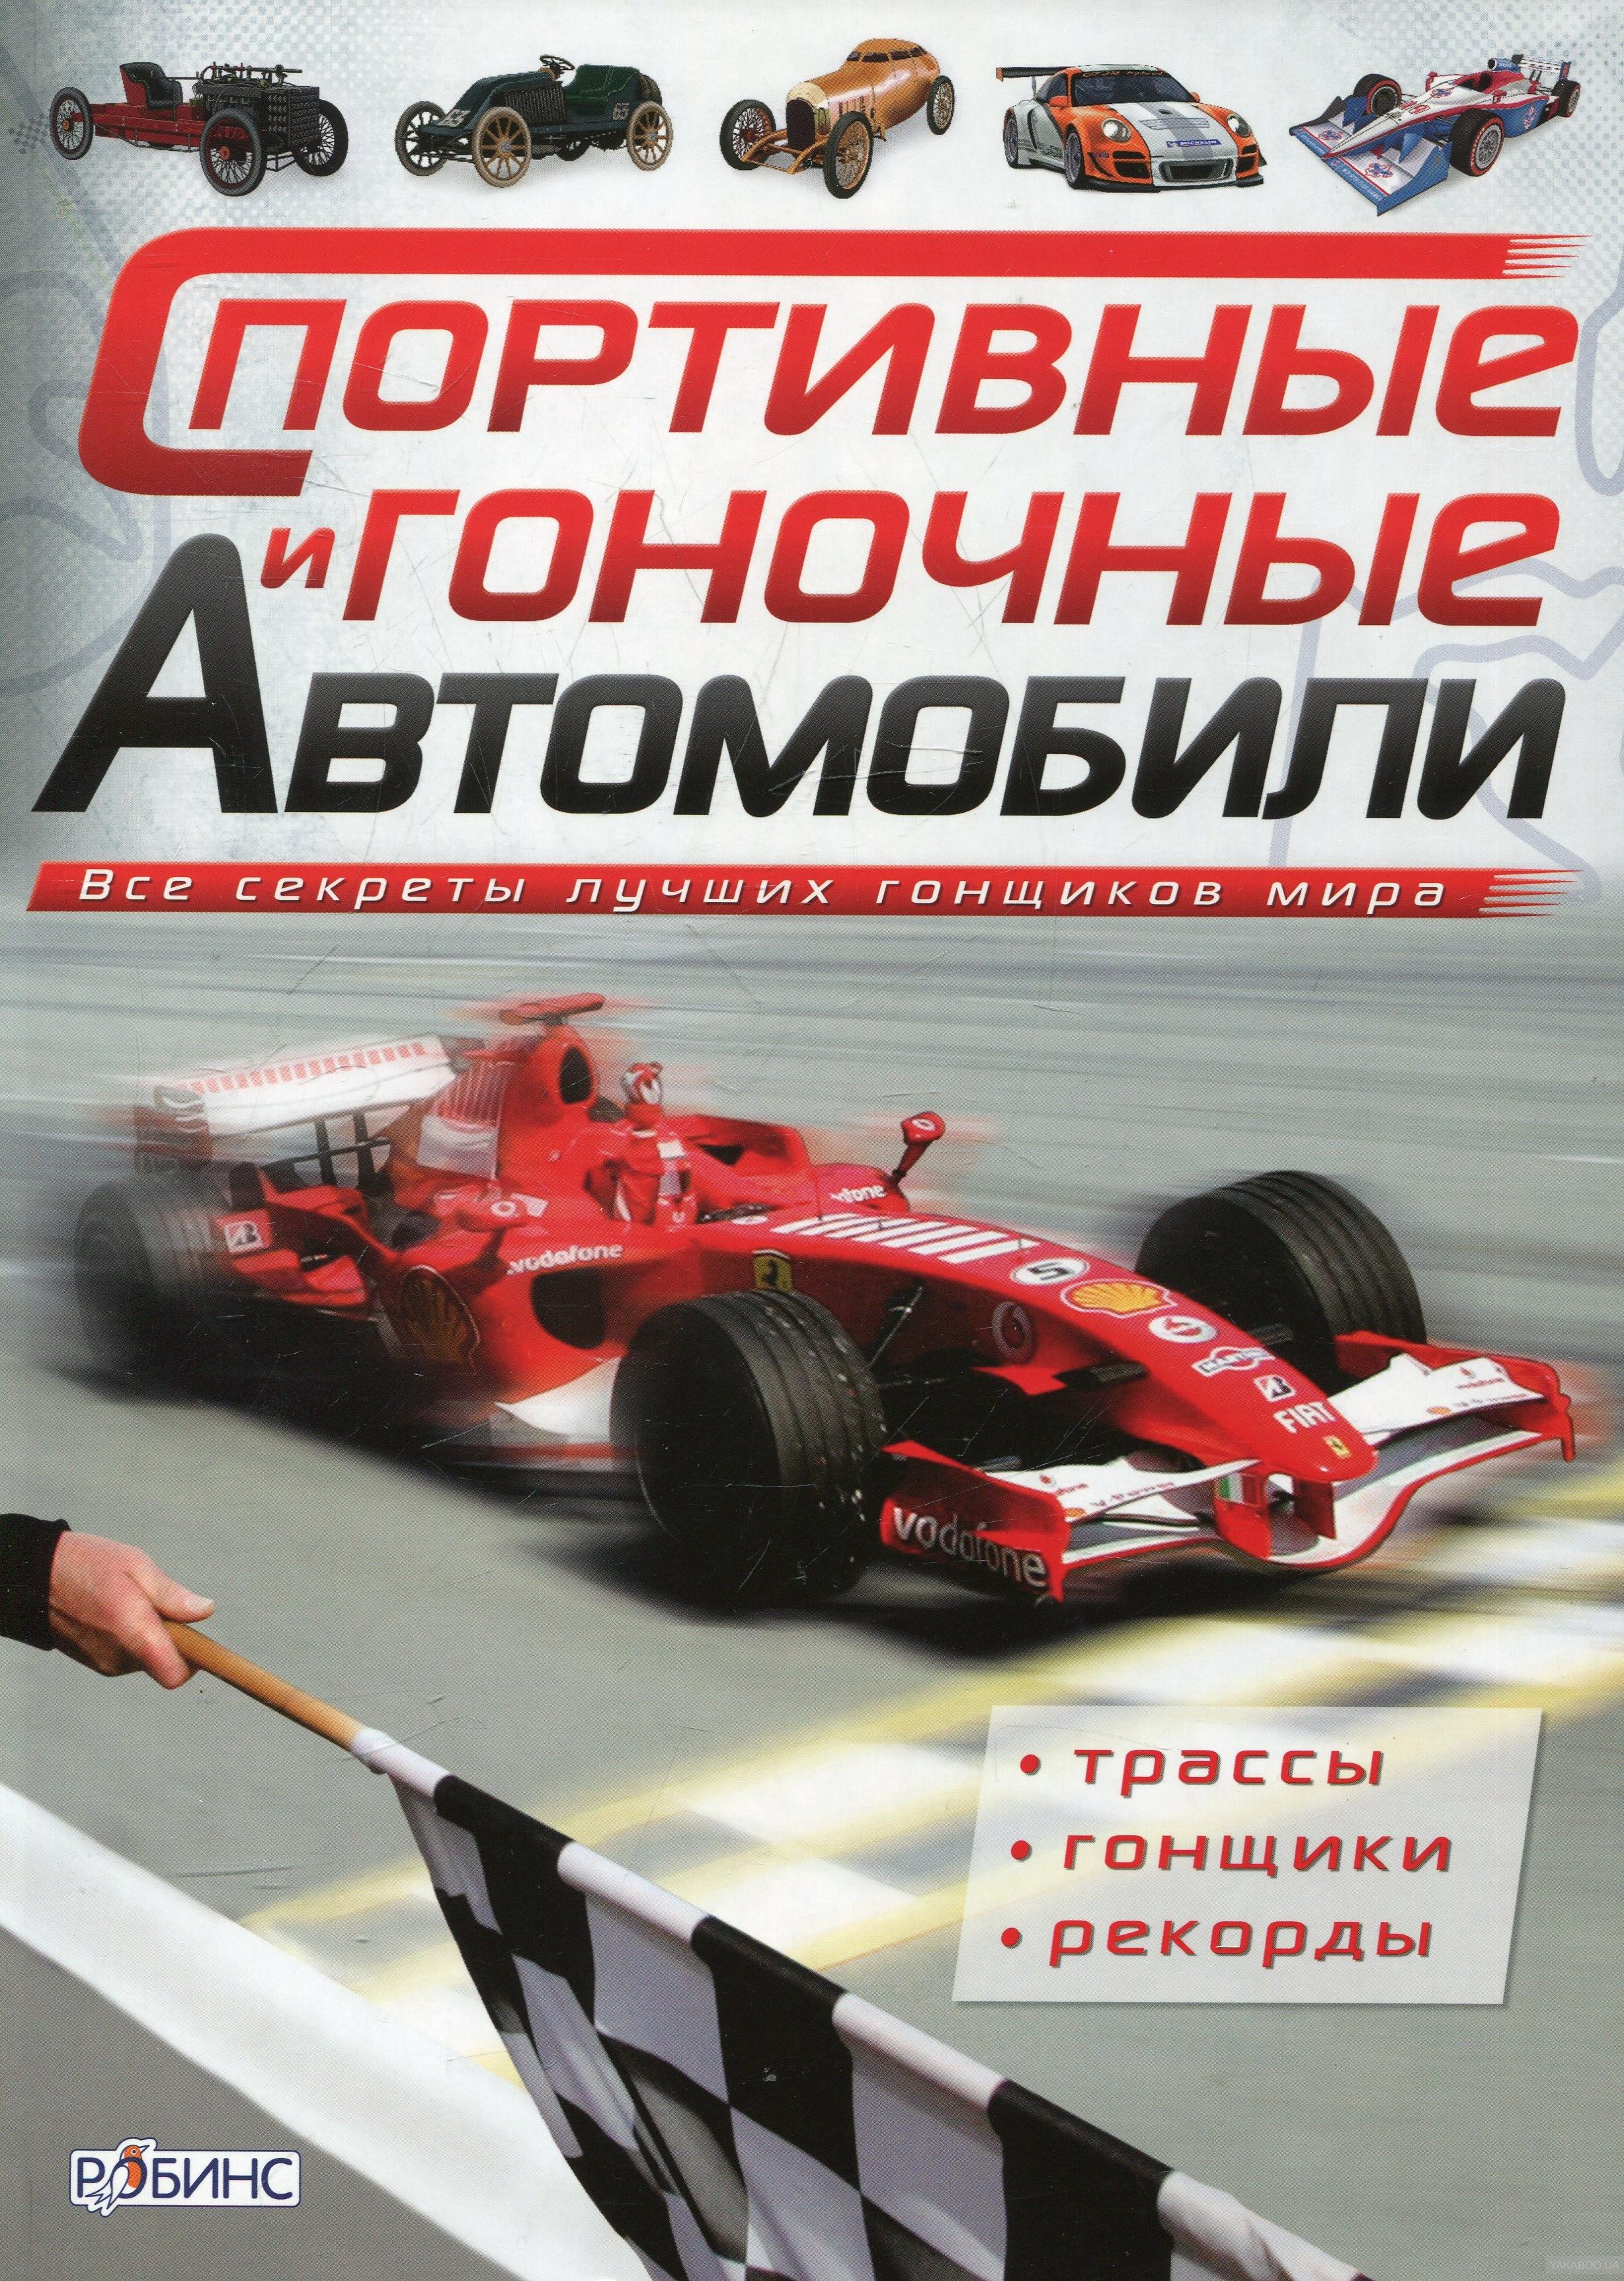 Книга - Спортивные и гоночные автомобилиКнига знаний<br>Книга - Спортивные и гоночные автомобили<br>